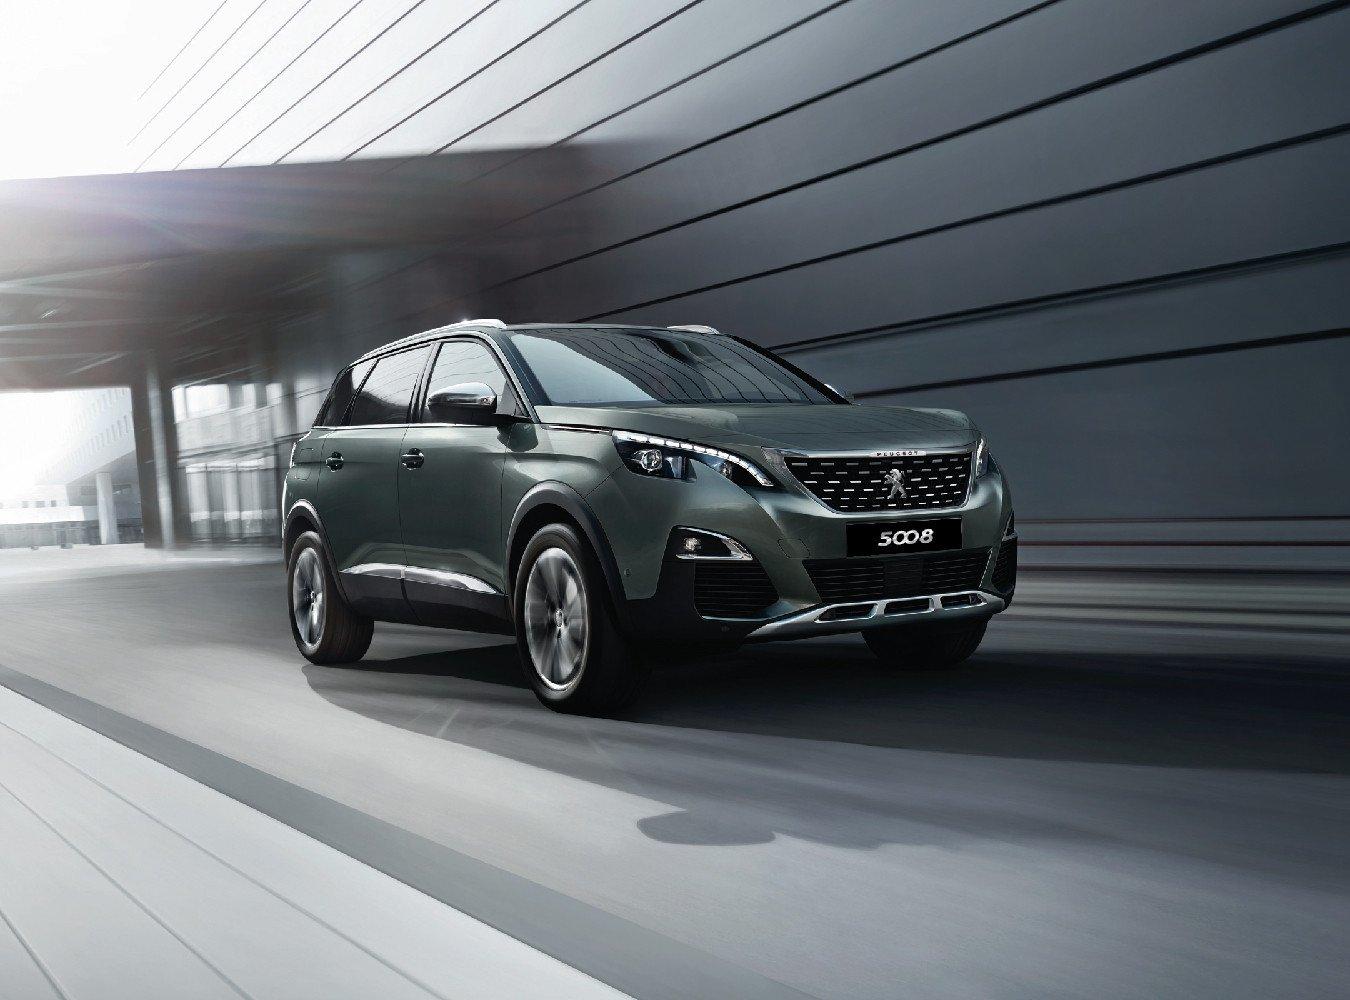 Giá lăn bánh xe Peugeot 5008 2019 mới nhất tại Việt Nam a1